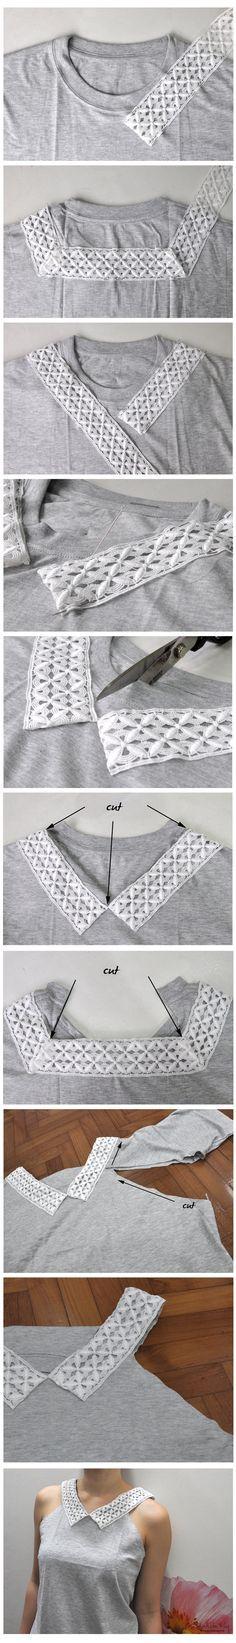 chiribambola: Renovando el armario DIY (III) Camisetas.